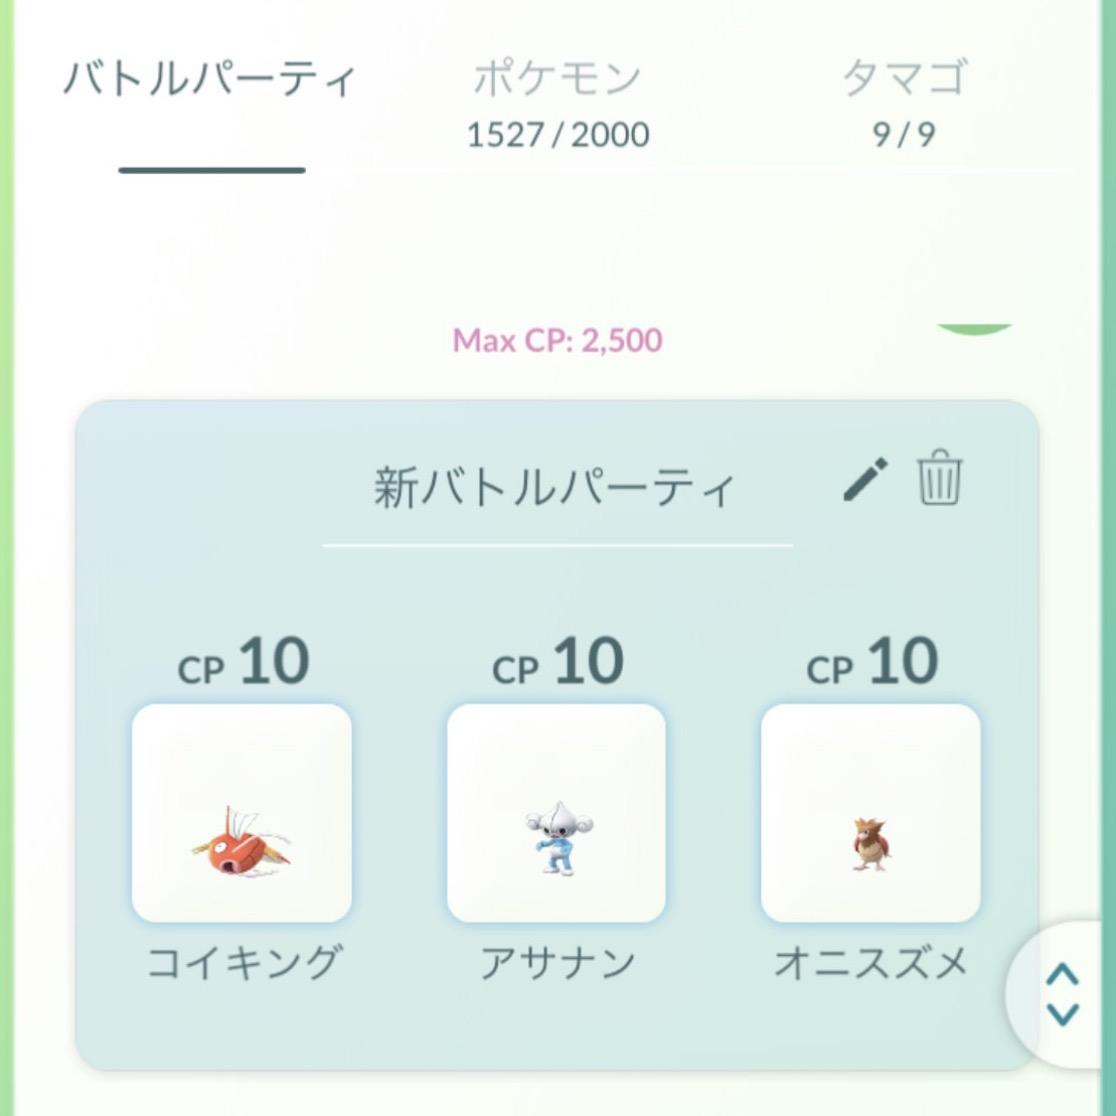 ポケモンgo トレーナーバトル パーティ